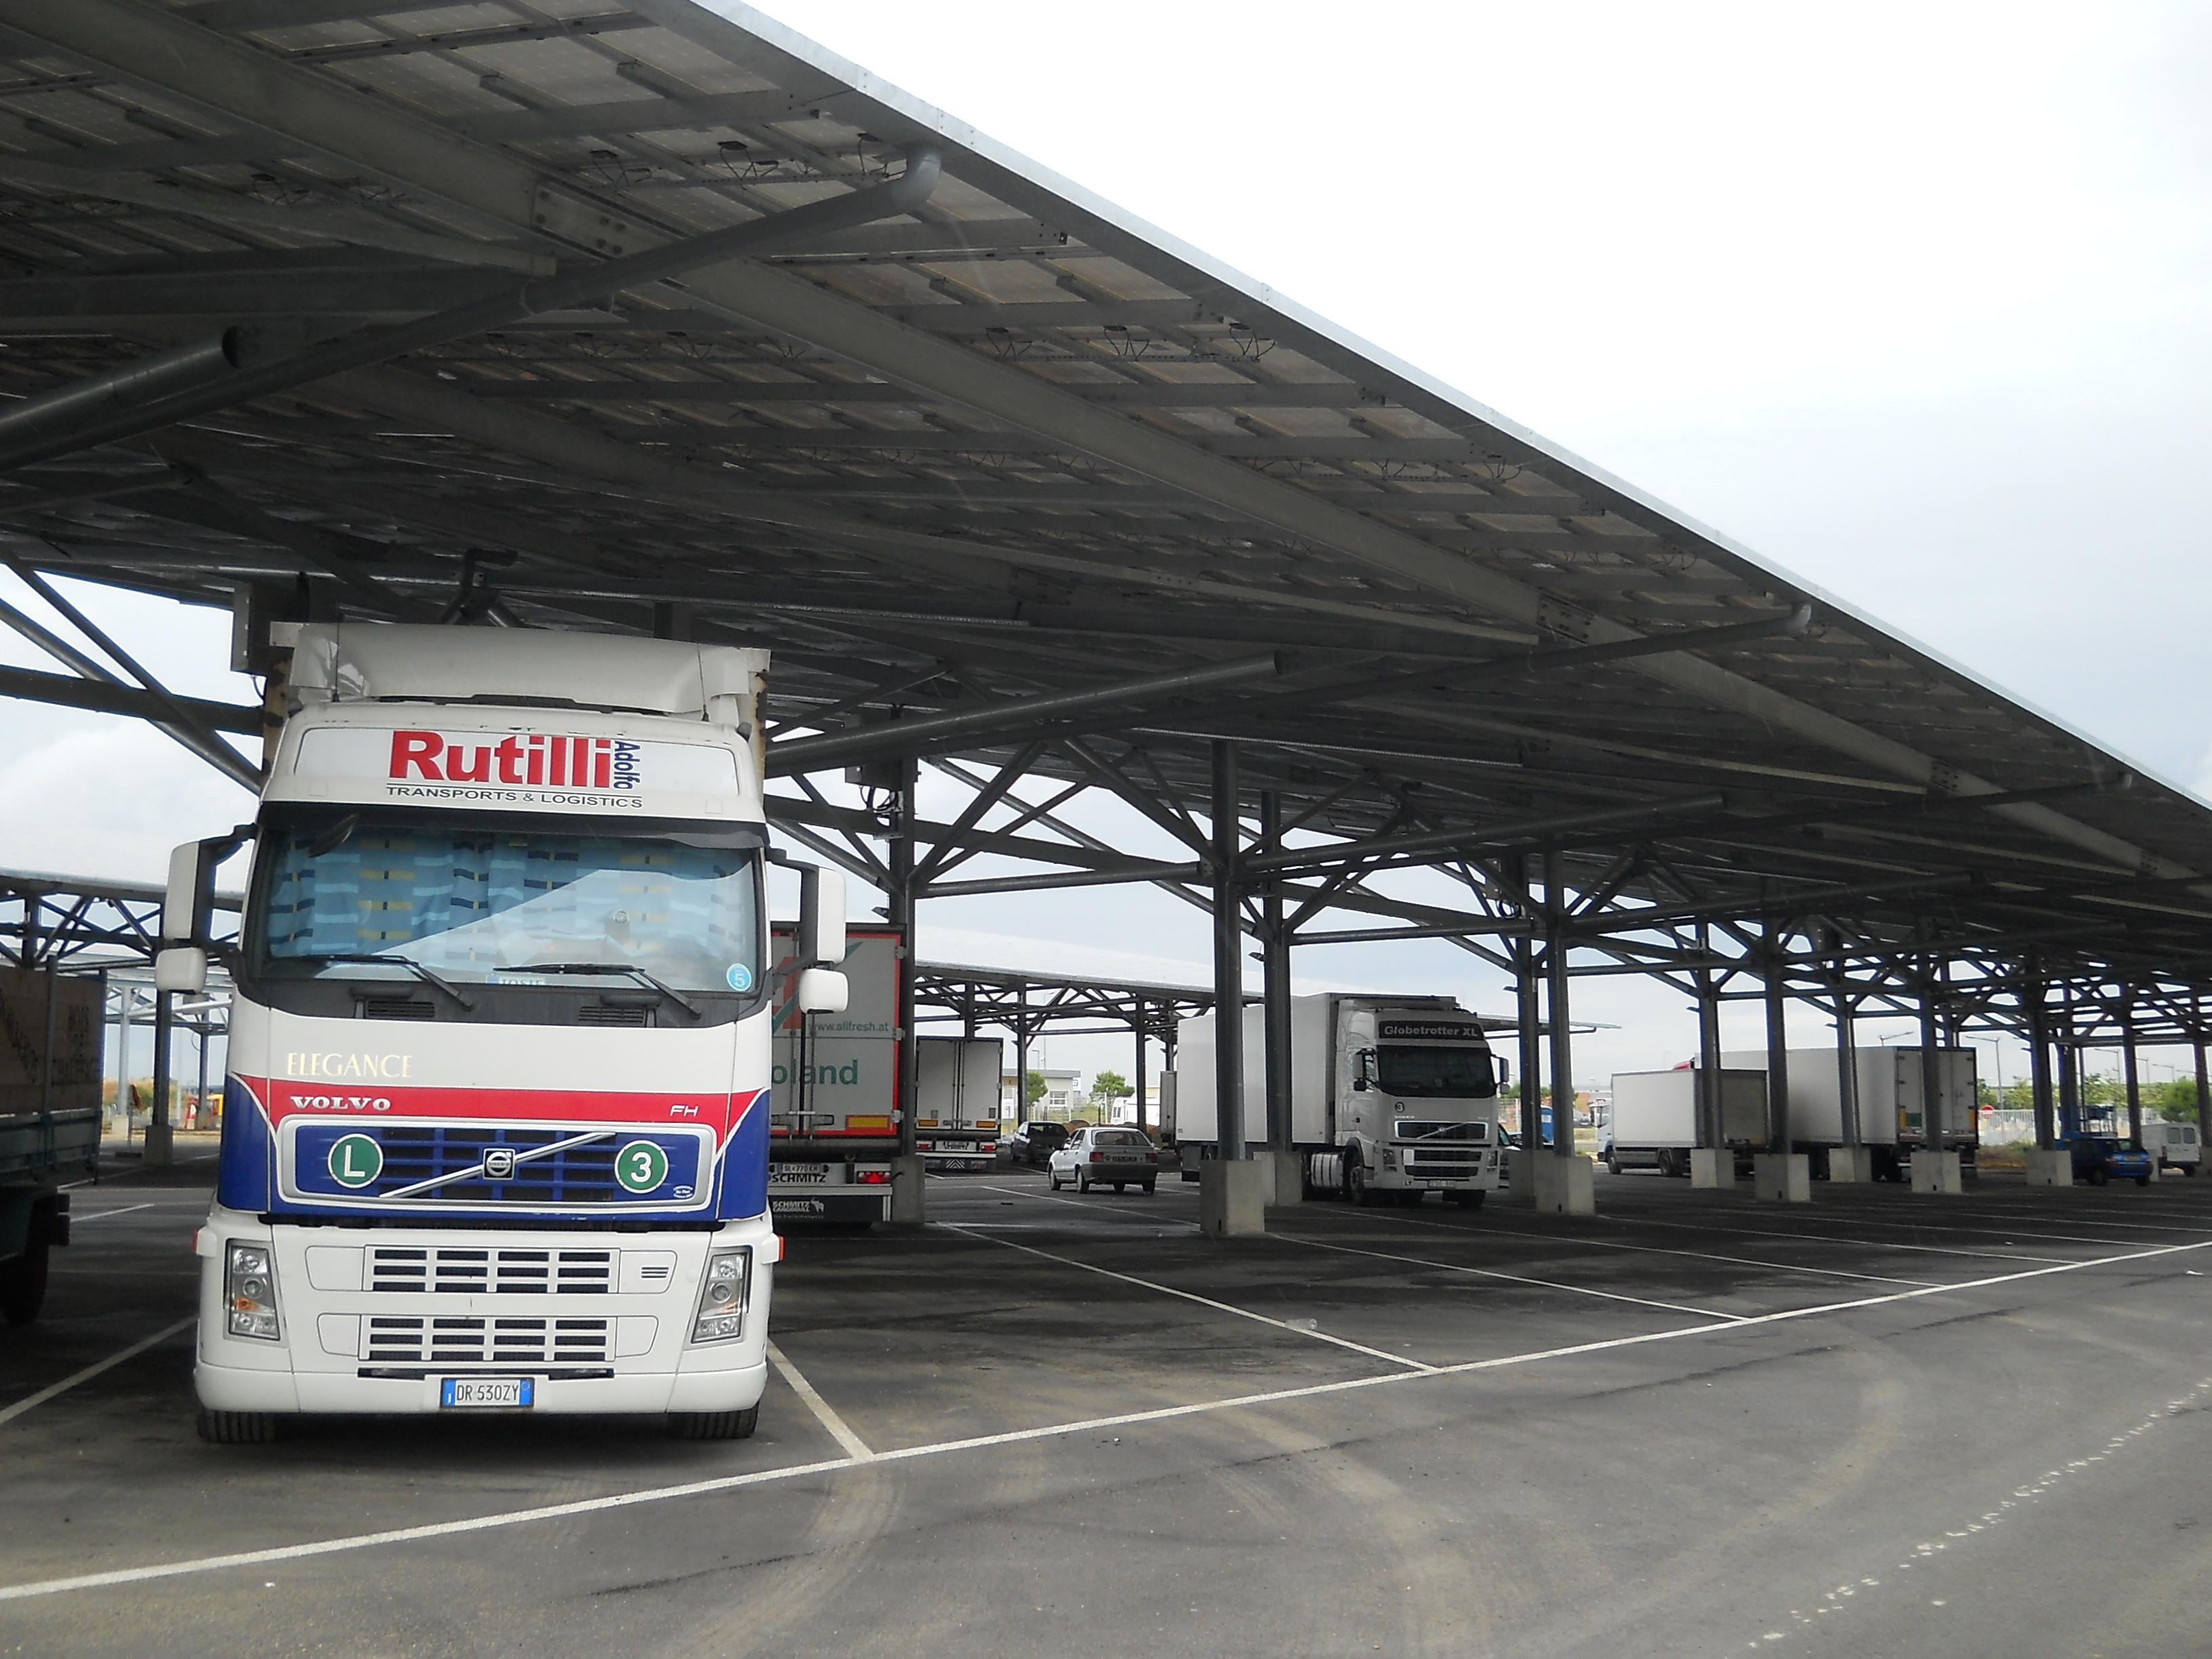 ombrières photovoltaîques marseille casino parking poids lourds